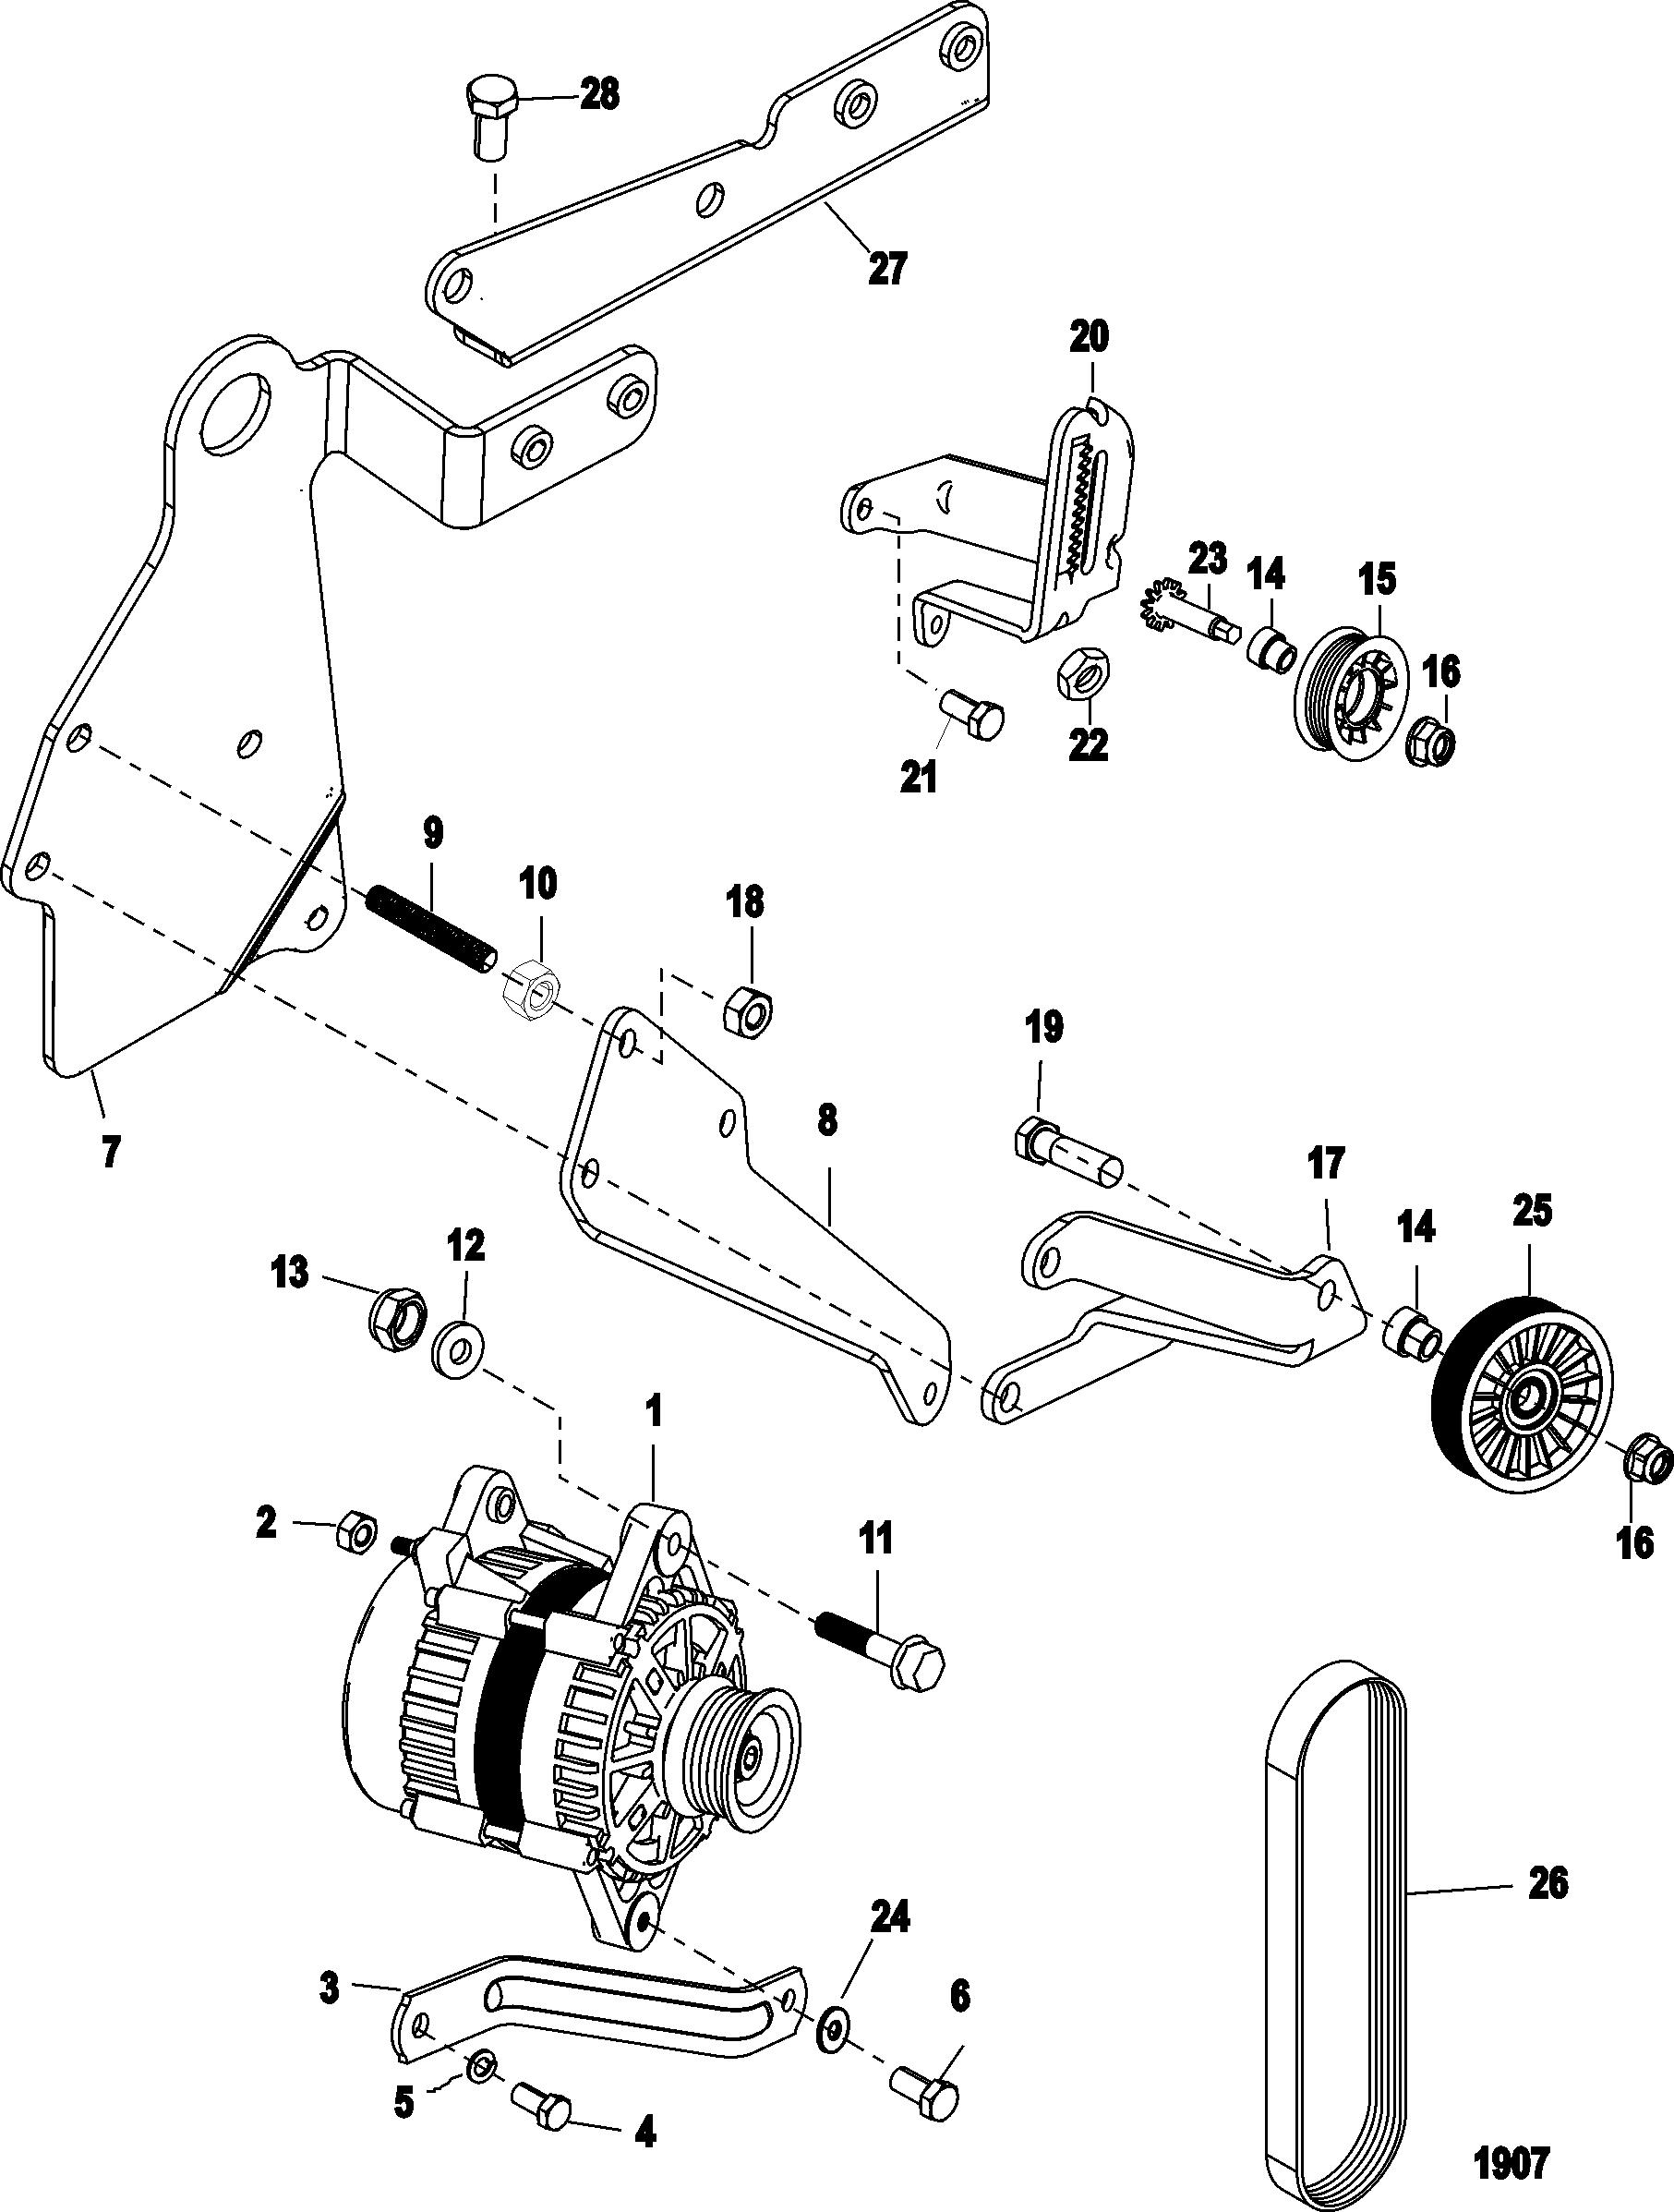 ford 302 intake and carburetor